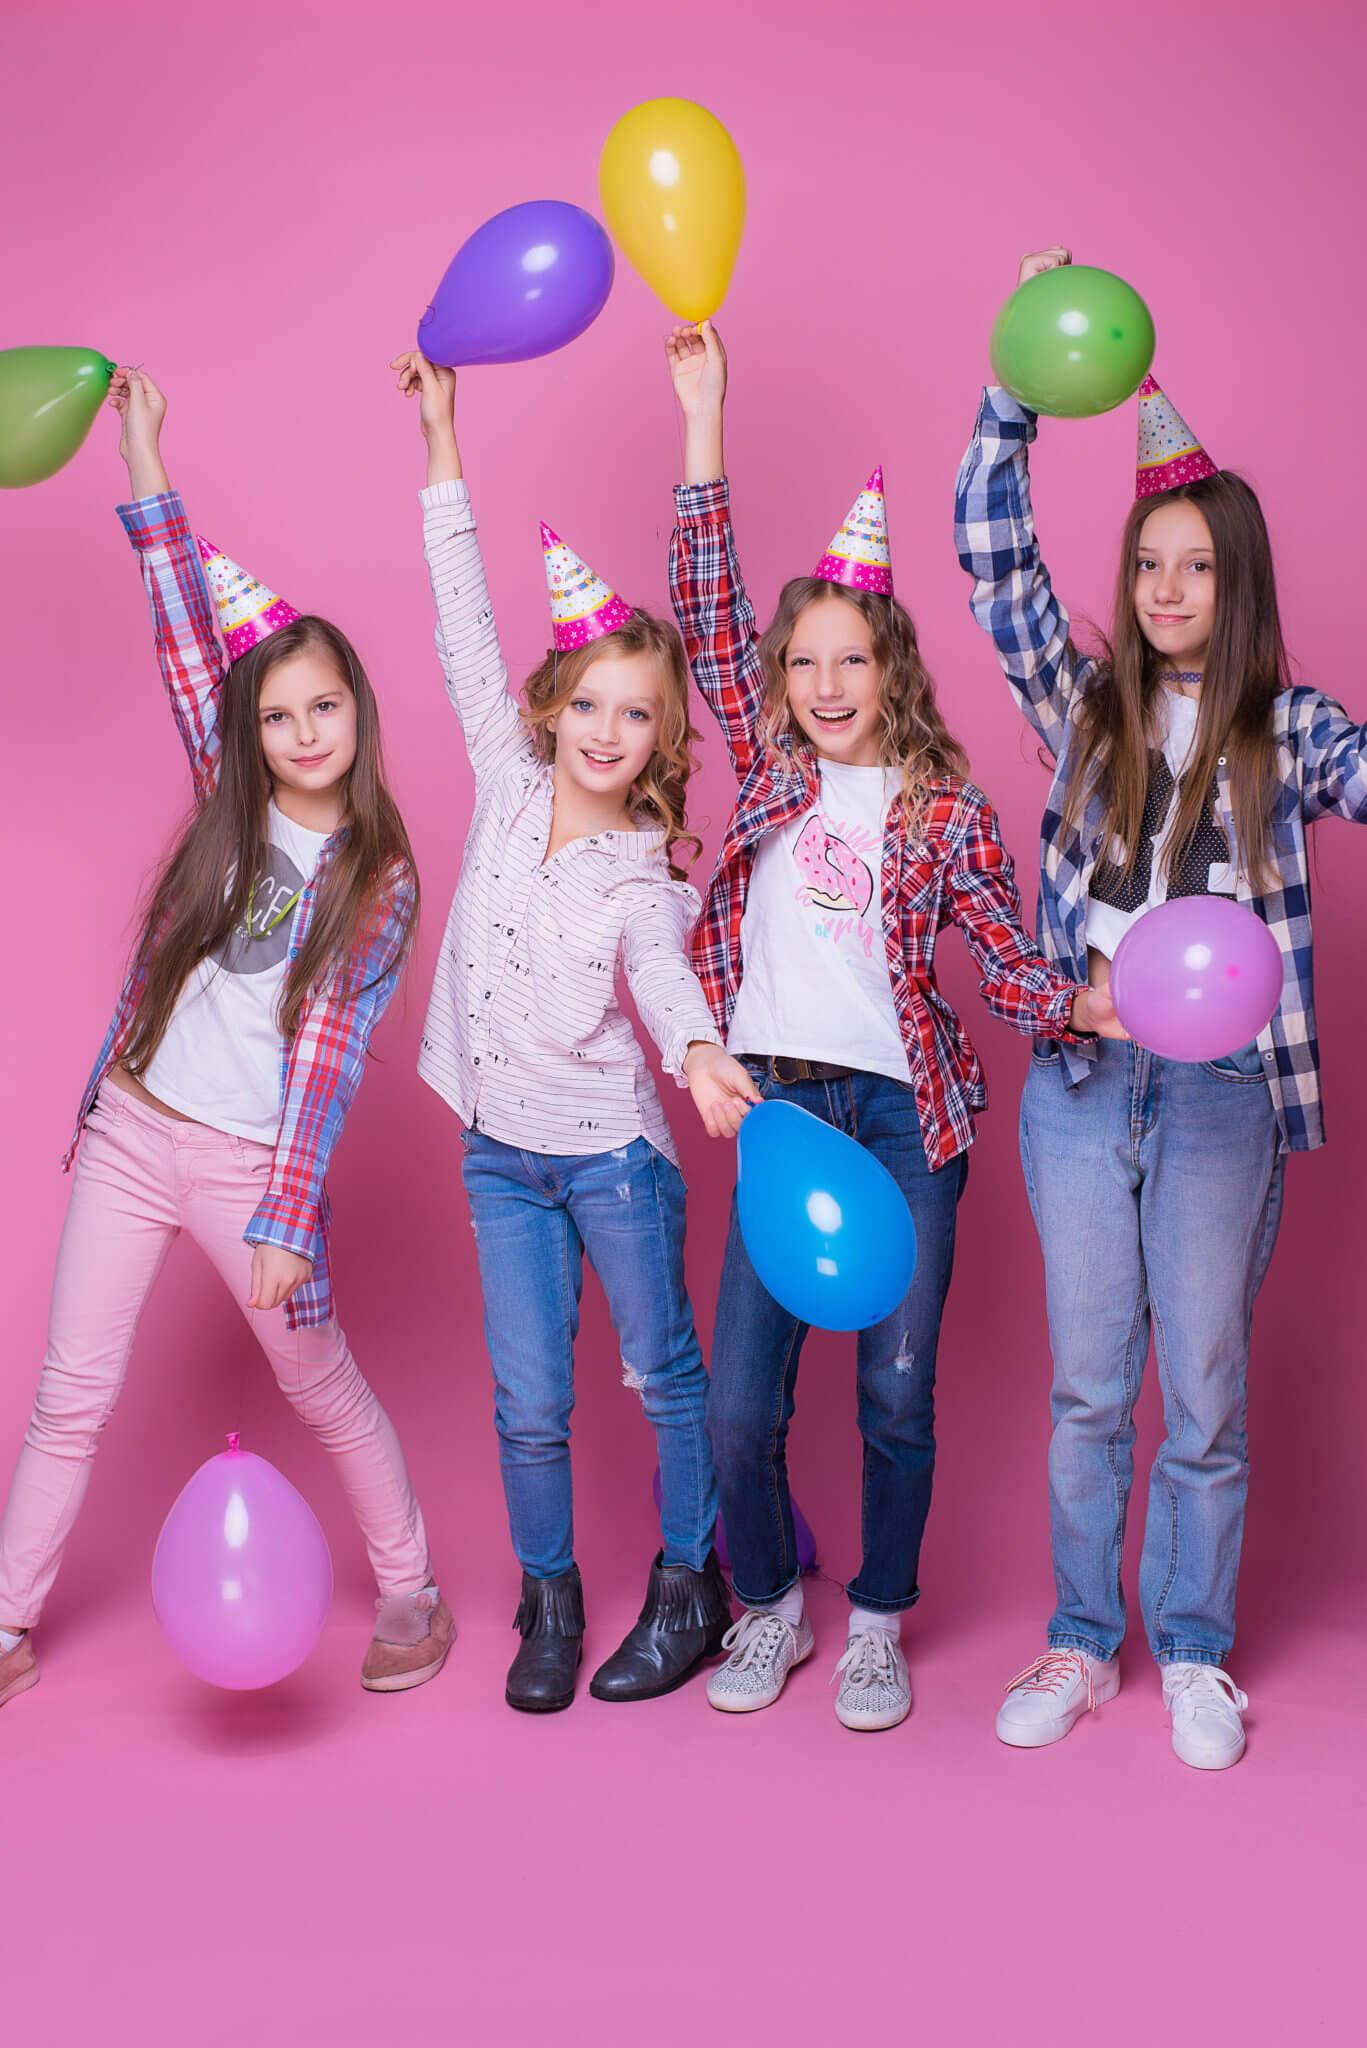 Девичник в студии, фотограф Алиса Постникова. 4 девочки на розовом фоне с шариками